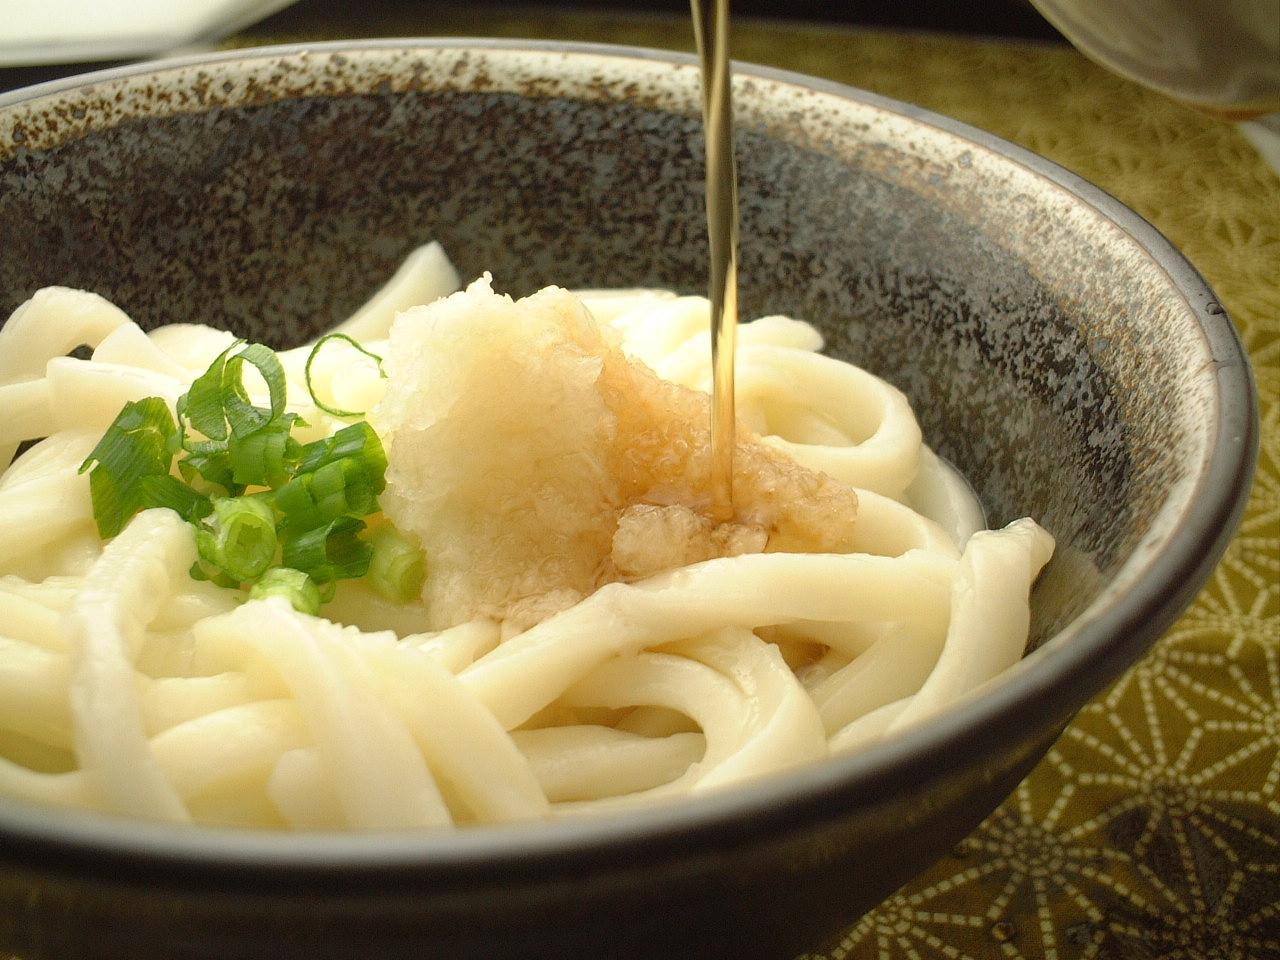 つゆから作るうどんは格別!簡単美味しい、うどんつゆレシピ5選のサムネイル画像